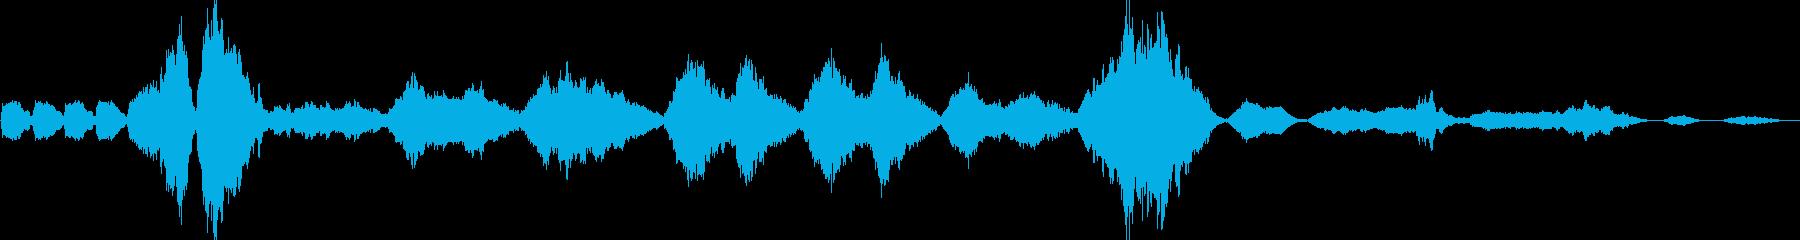 交響曲第9番「新世界より」第2楽章の再生済みの波形